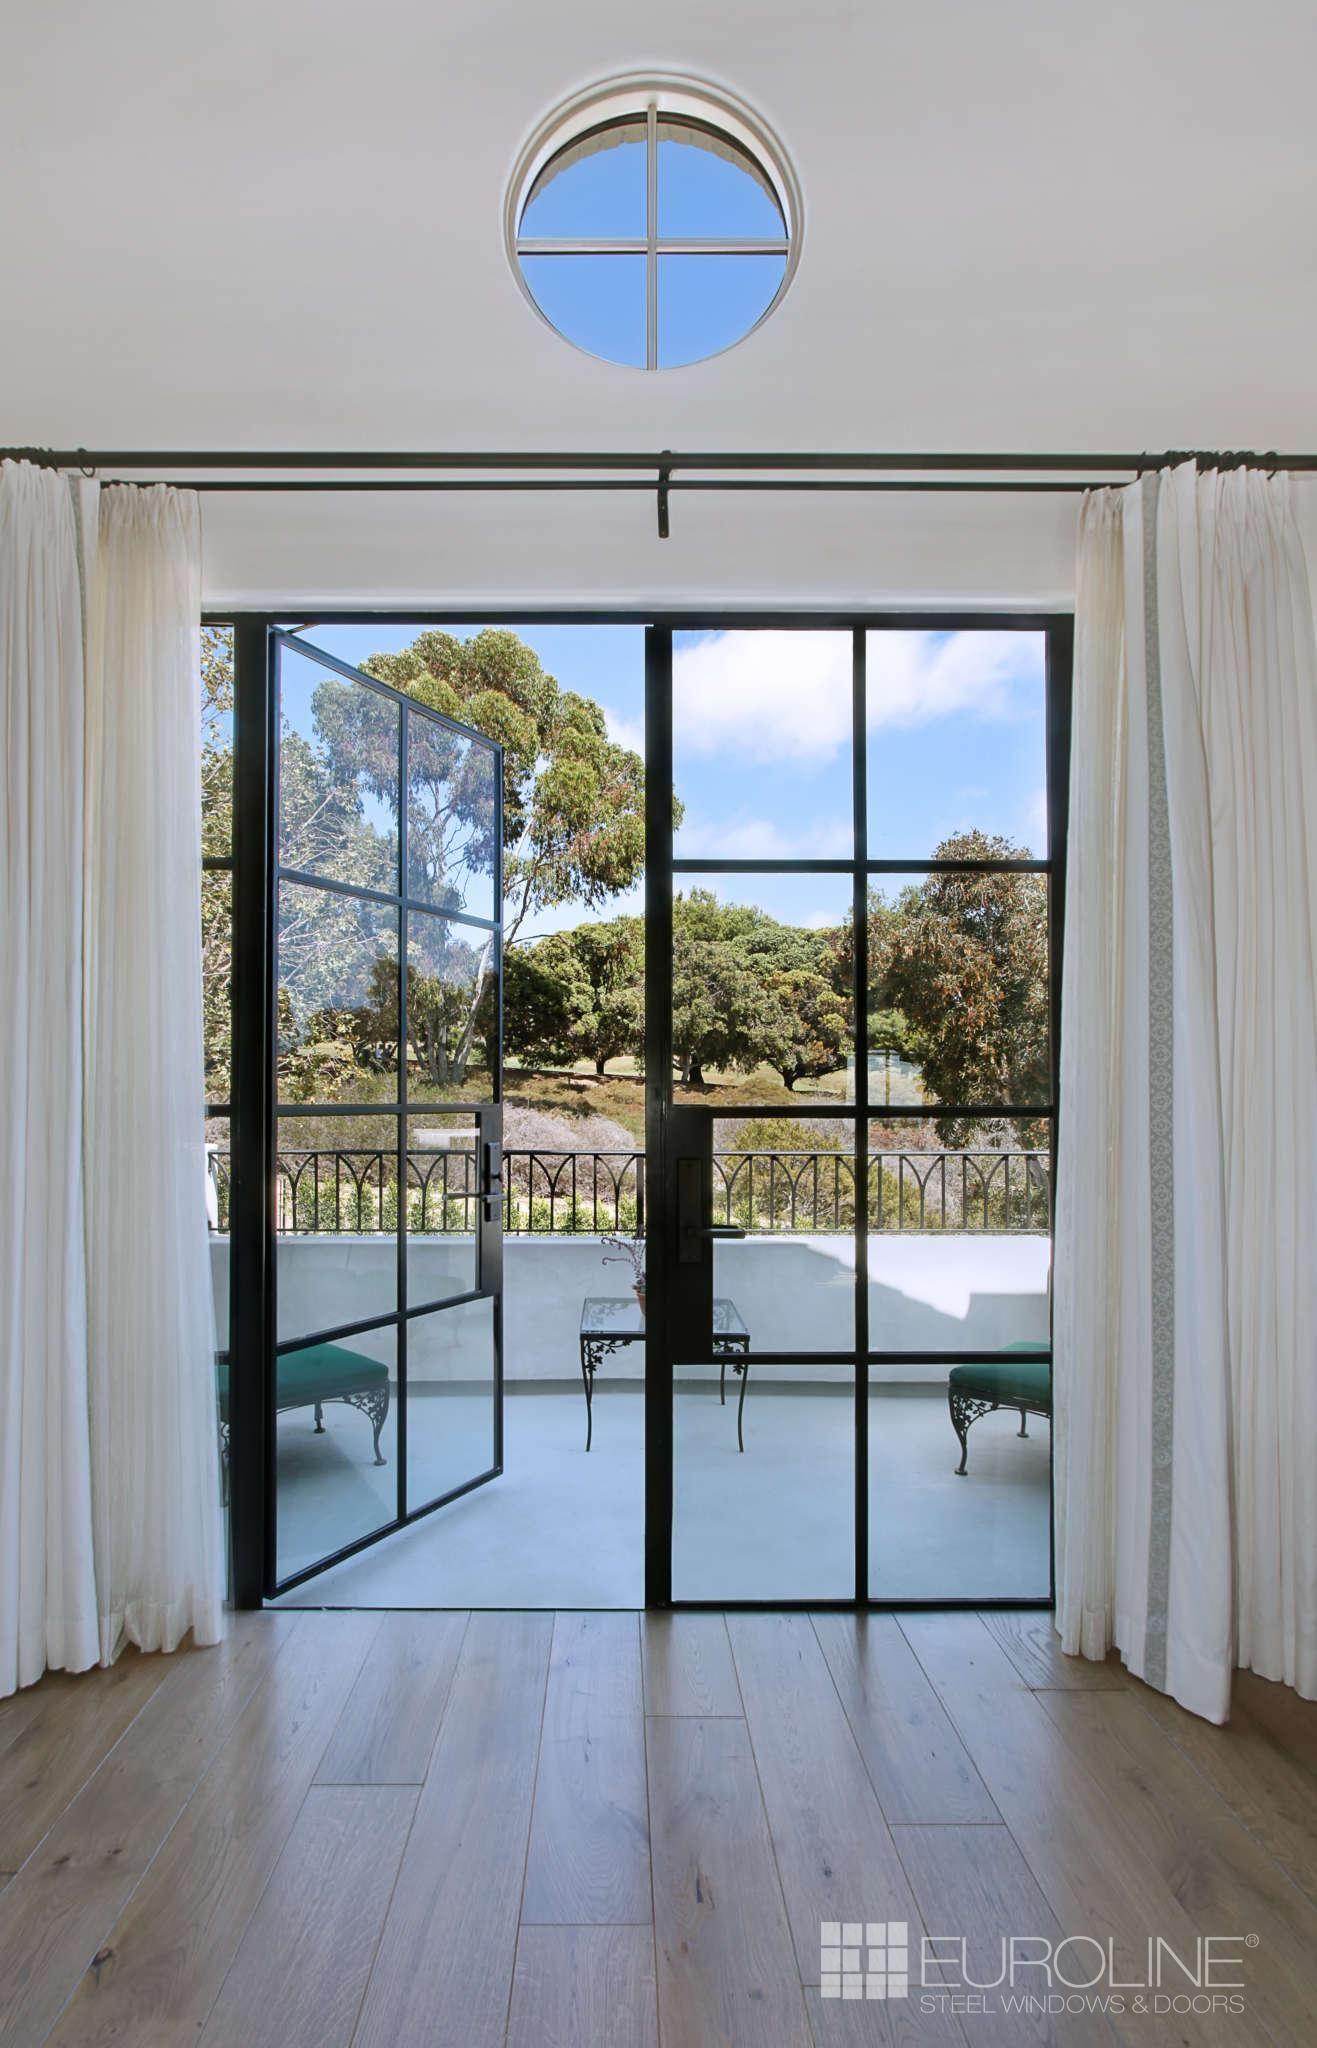 Luxury Steel Swing Doors Euroline Steel Windows French Doors Patio French Doors Bedroom Black French Doors